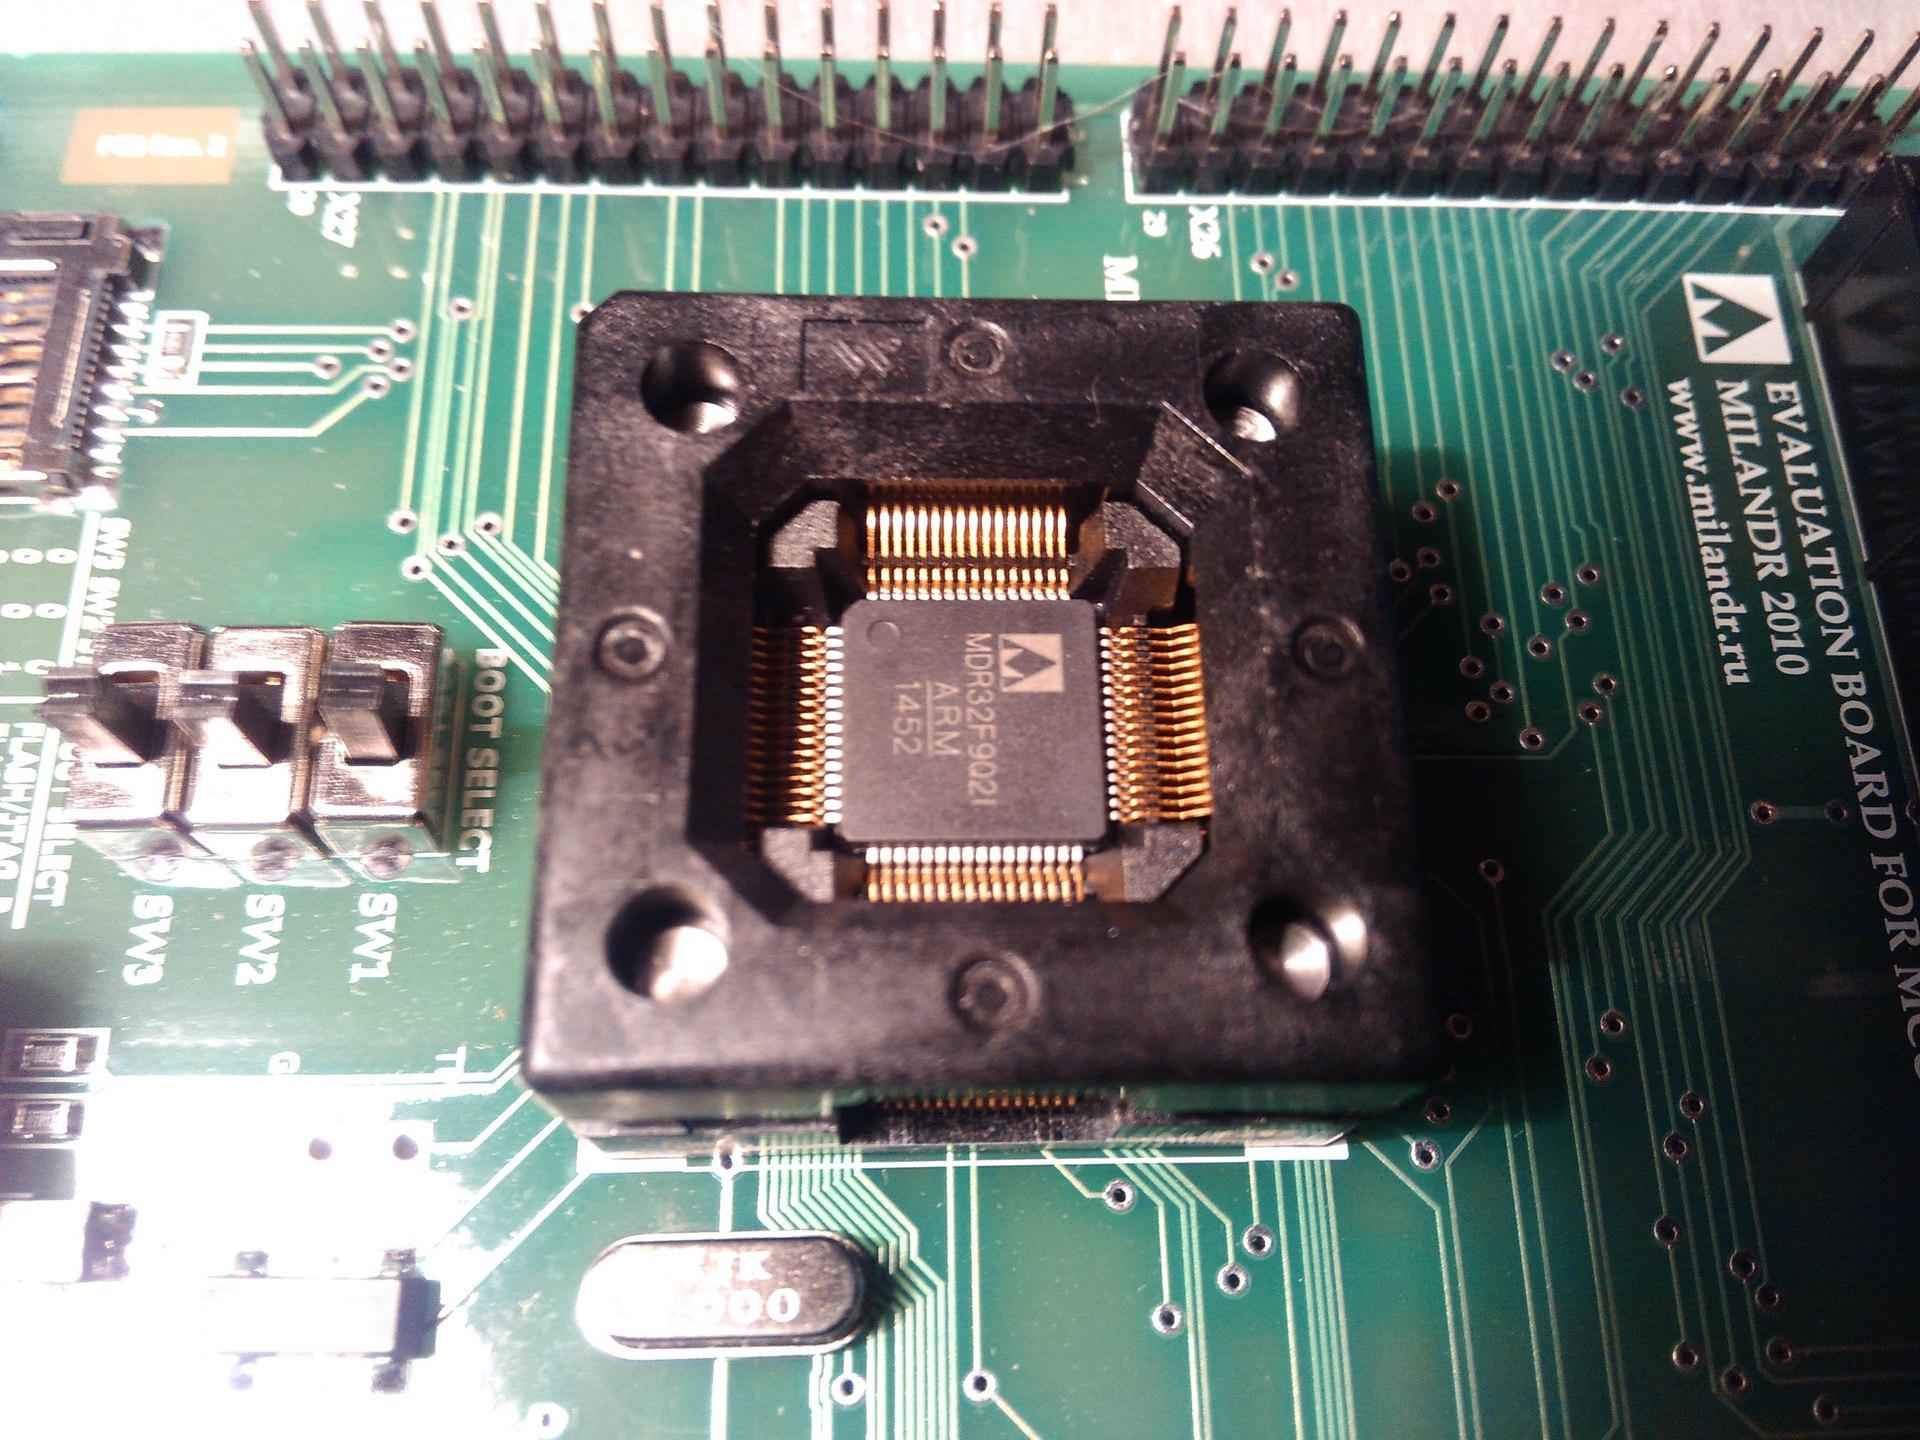 Переходим с STM32F103 на К1986ВЕ92QI. Или первое знакомство с российским микроконтроллером - 12